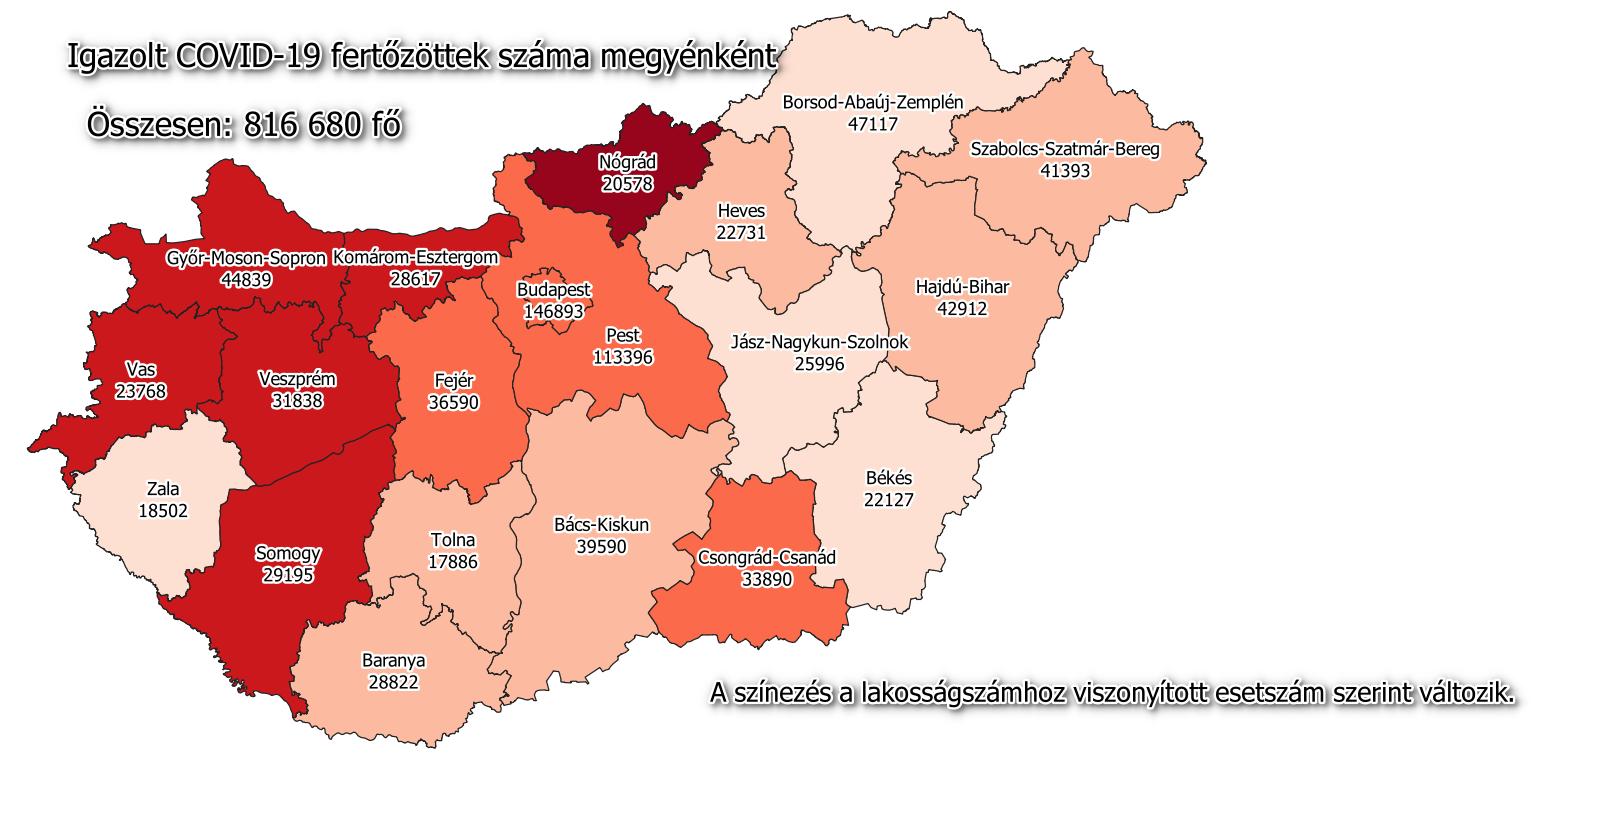 Hungary coronavirus map